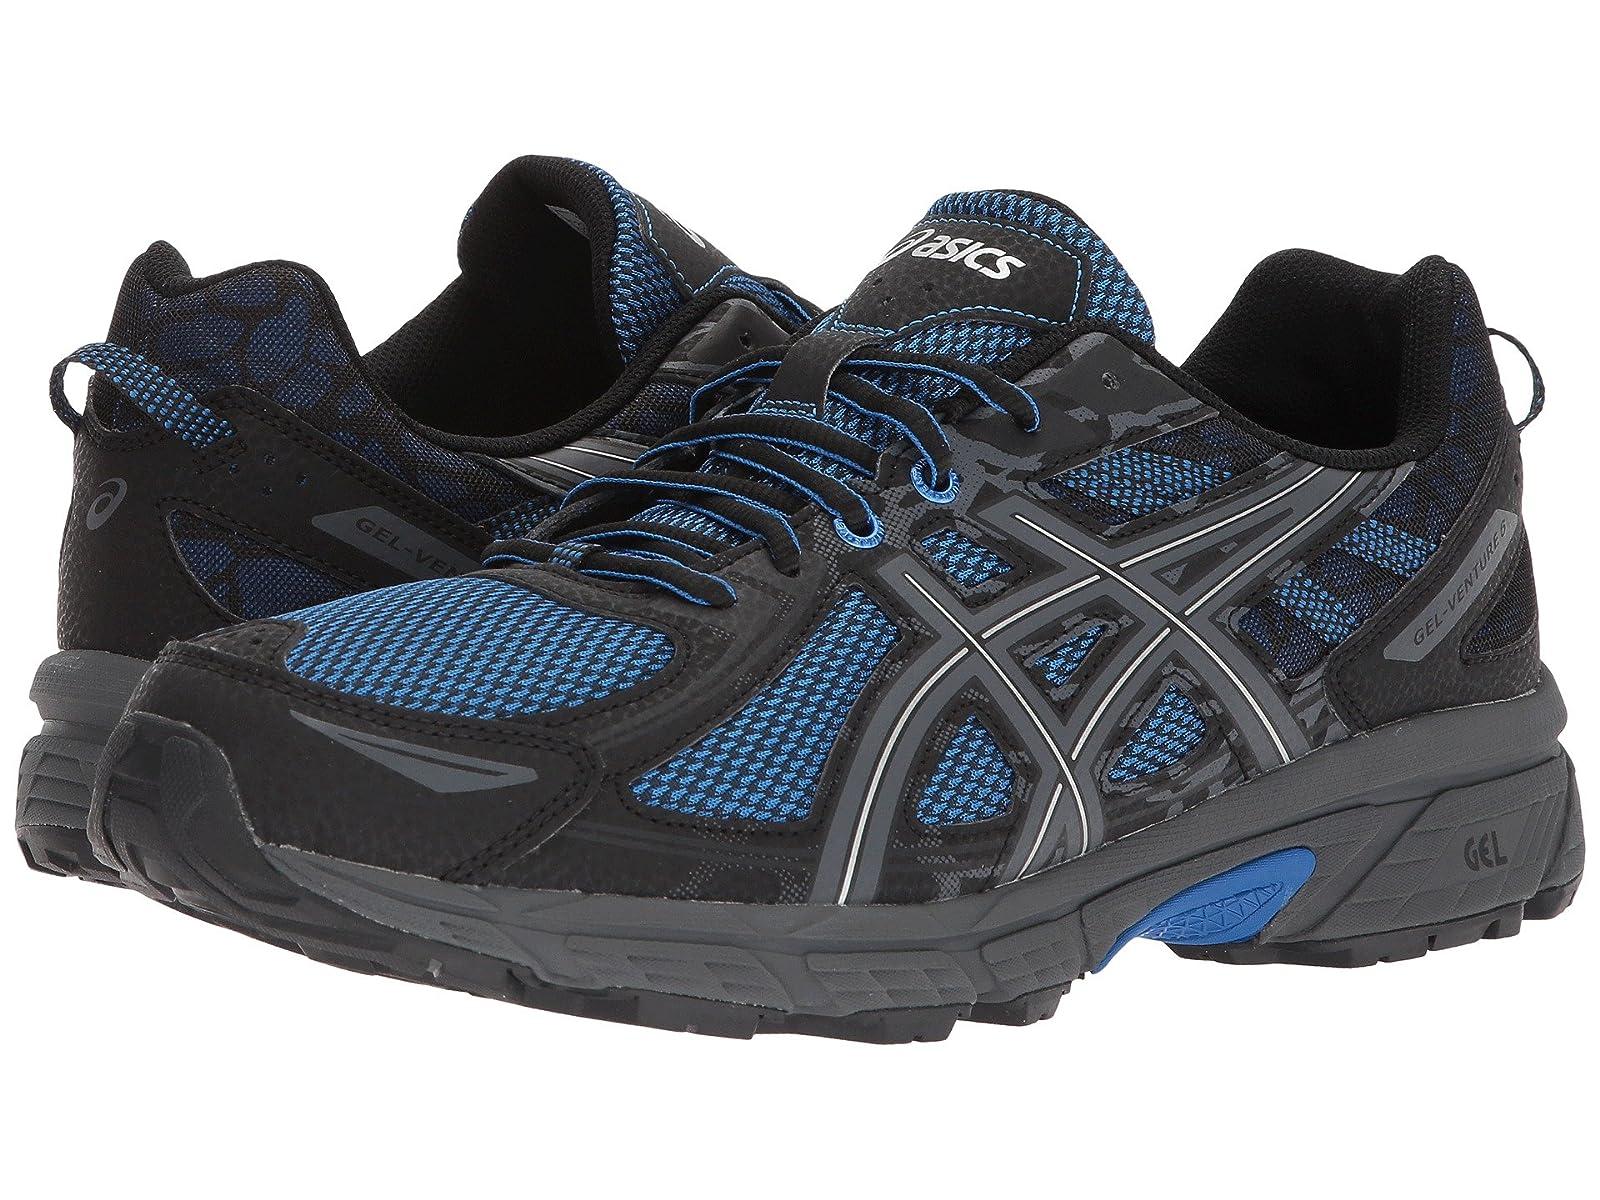 ASICS GEL-Venture® 6Atmospheric grades have affordable shoes